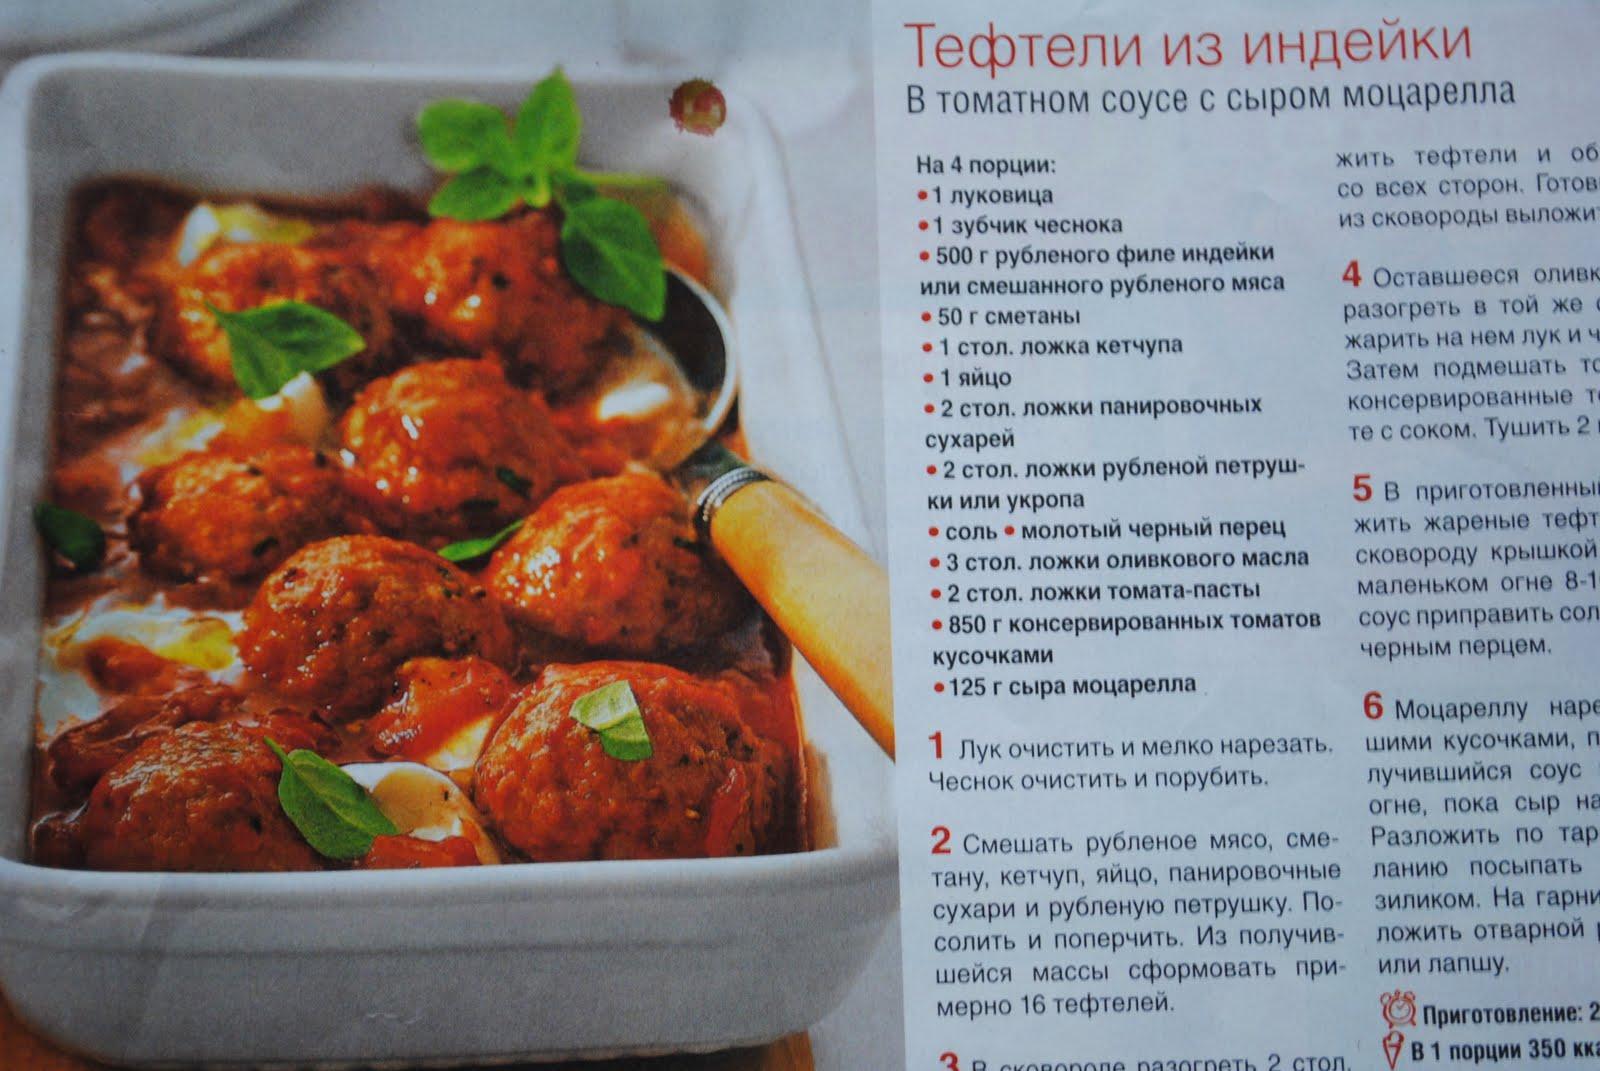 Тефтели с индейки рецепт